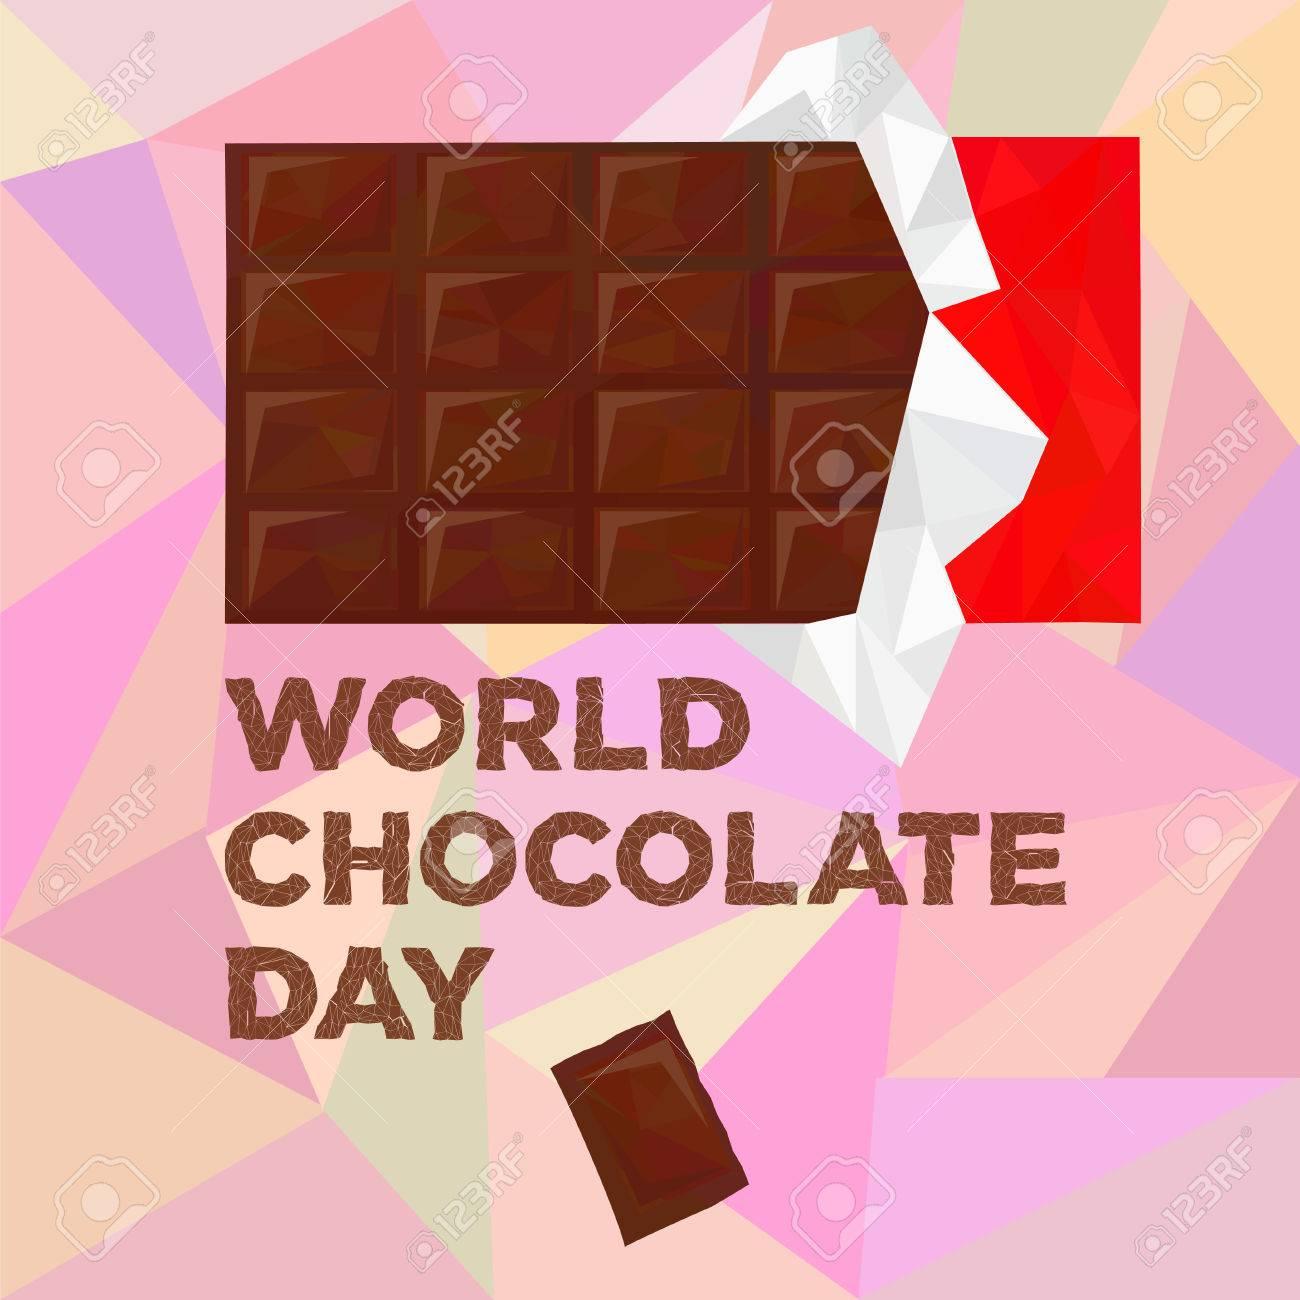 世界のチョコレート日低ポリゴン スタイルの銀と赤のパッケージ内のバー